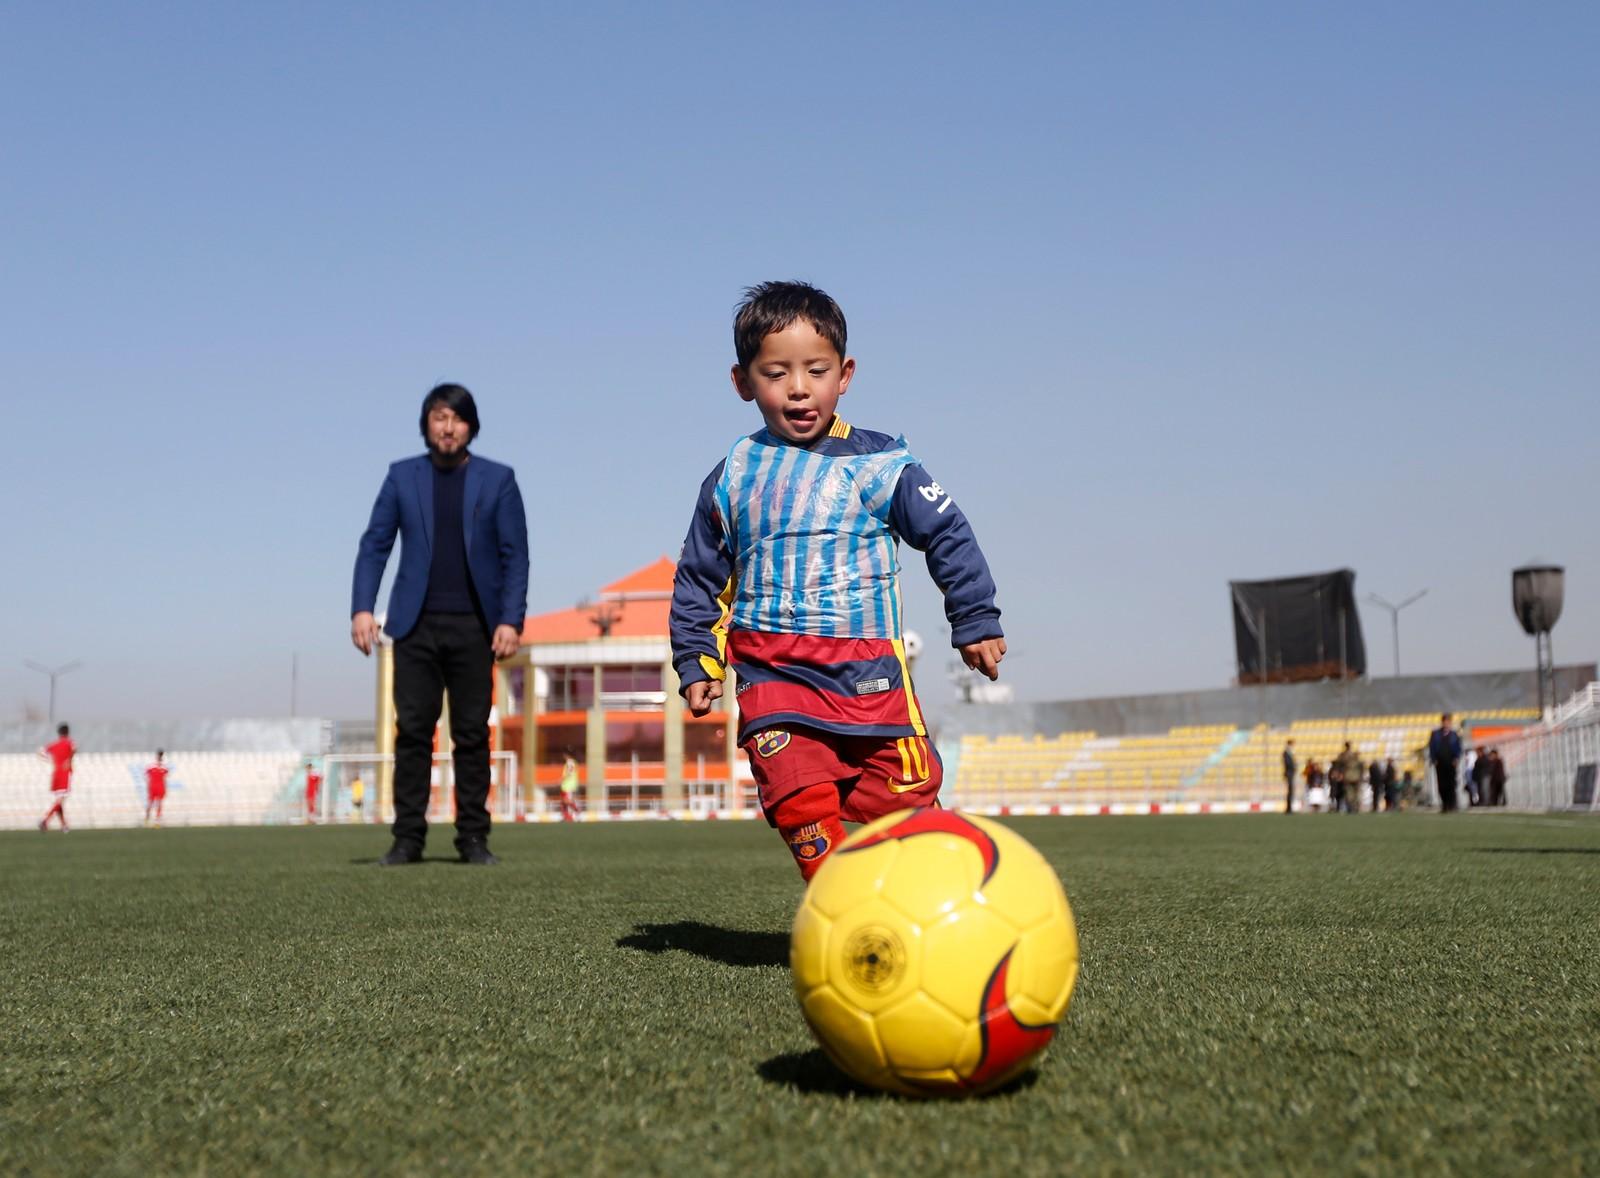 Historien om afghanske Murtaza Ahmadi (5) har gått verden rundt etter at han spilte fotball i en plastpose-versjon av fotballstjernen Lionel Messis drakt.  Etter at bildene gikk verden rundt, skal Messis representanter ha tatt kontakt for å få gutten på besøk til Barcelona.